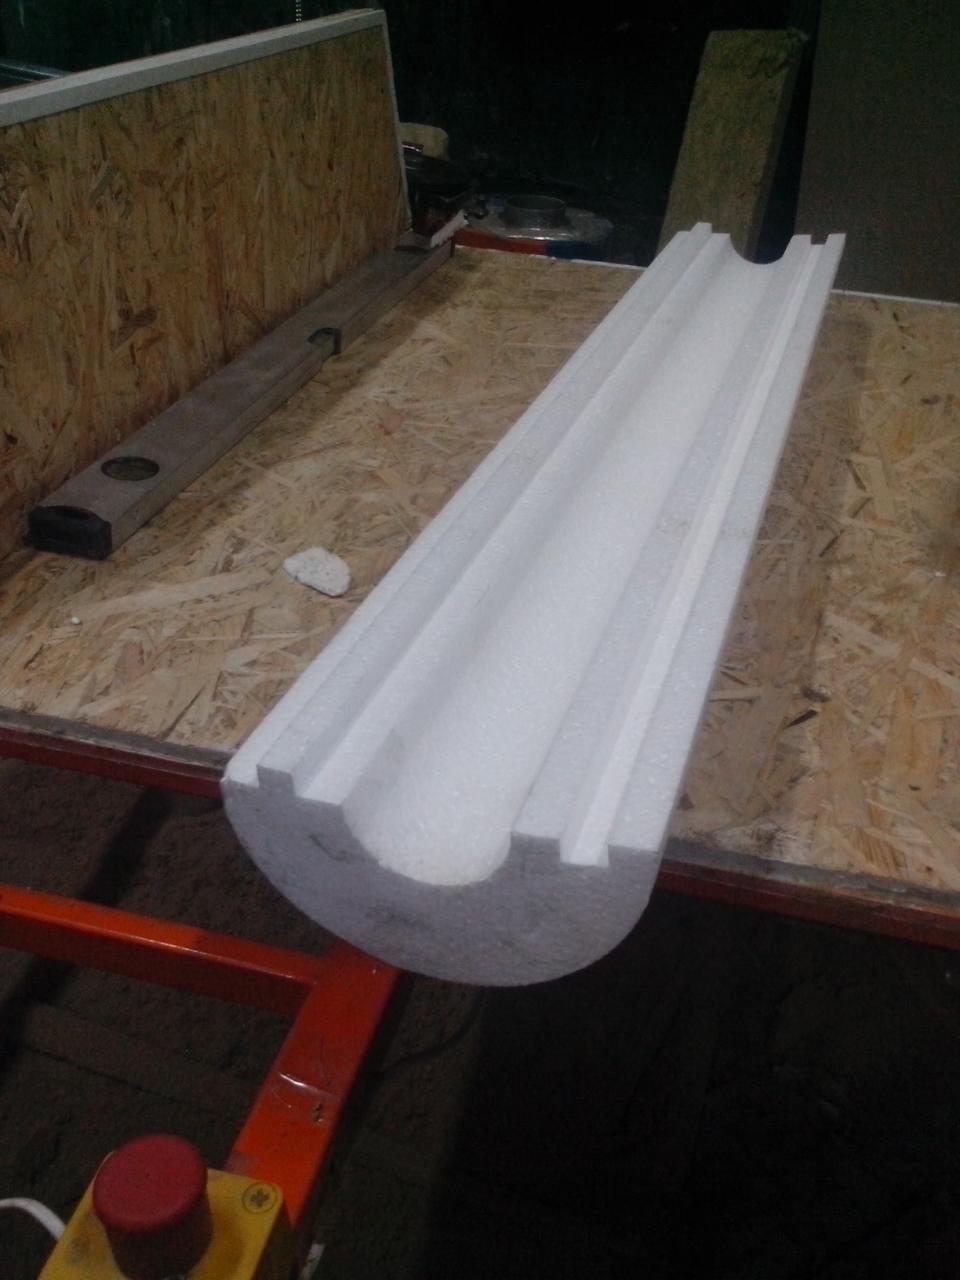 Утеплитель из пенопласта (пенополистирола) для труб Ø 273 мм толщиной 60 мм